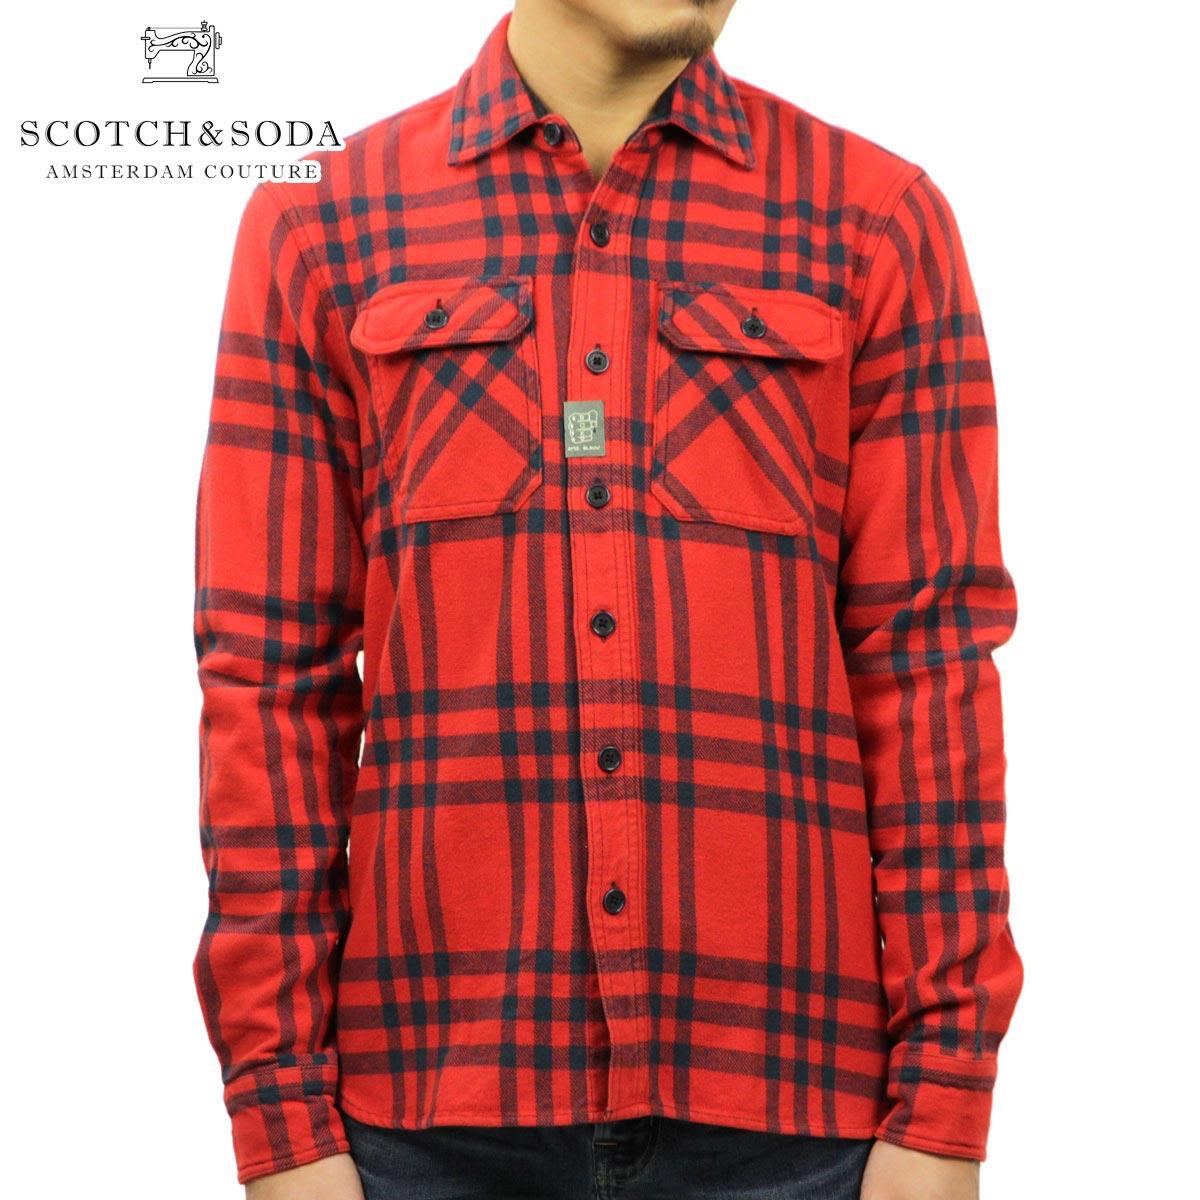 スコッチアンドソーダ SCOTCH&SODA 正規販売店 メンズ 長袖シャツ Brushed Flannel Oversized Shirt 100031 C D00S20